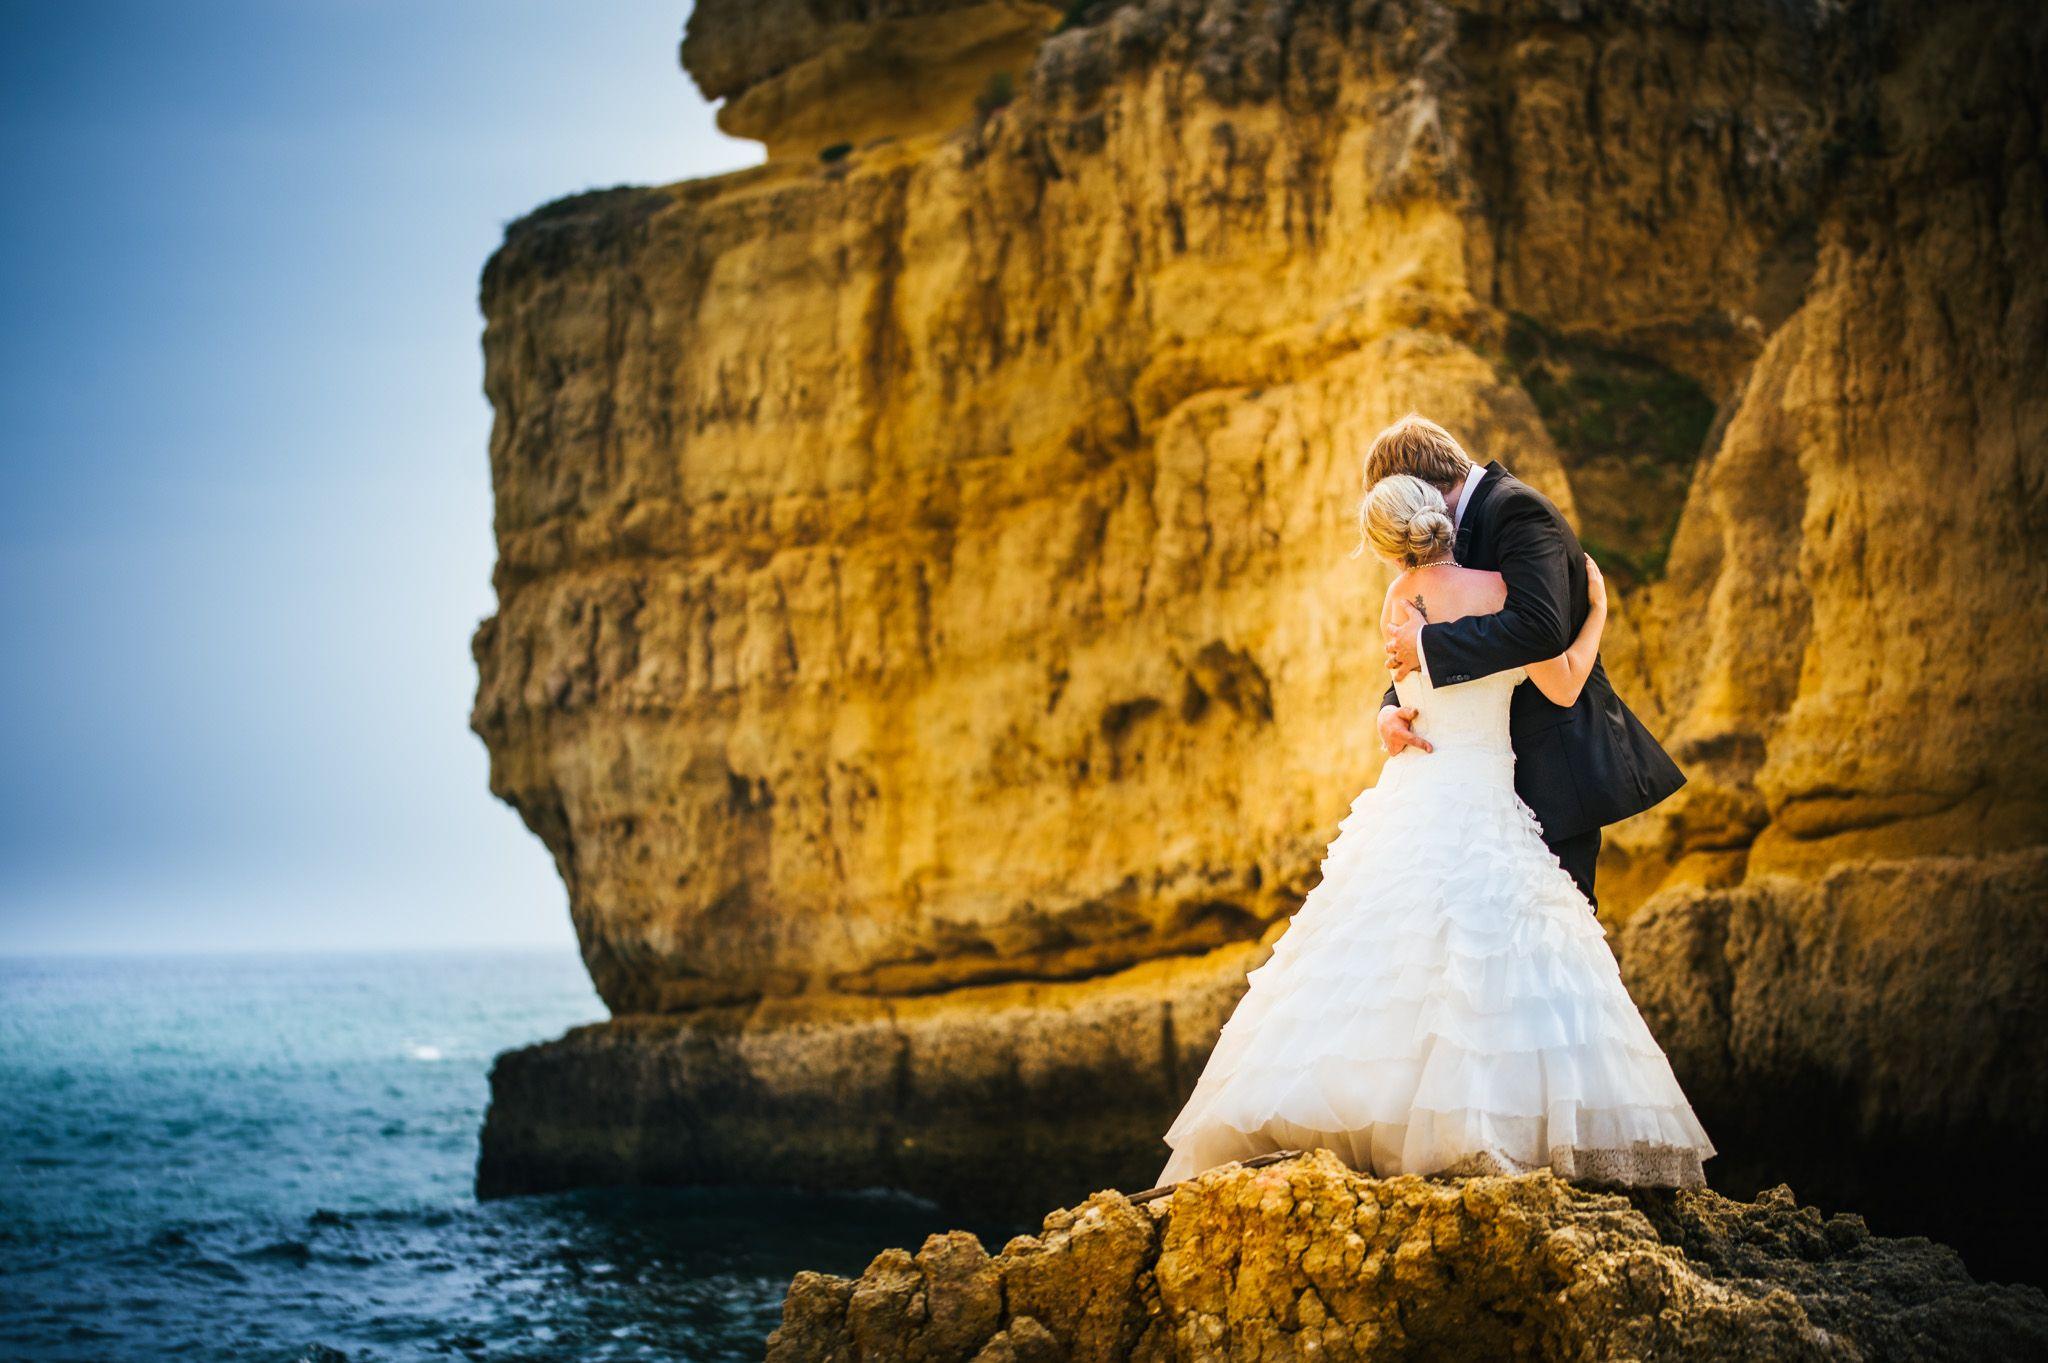 #Brautpaarshooting in #Portugal #Albufeira  Röhricht Wedding Photography - Hochzeitsfotograf aus Stade bei Hamburg